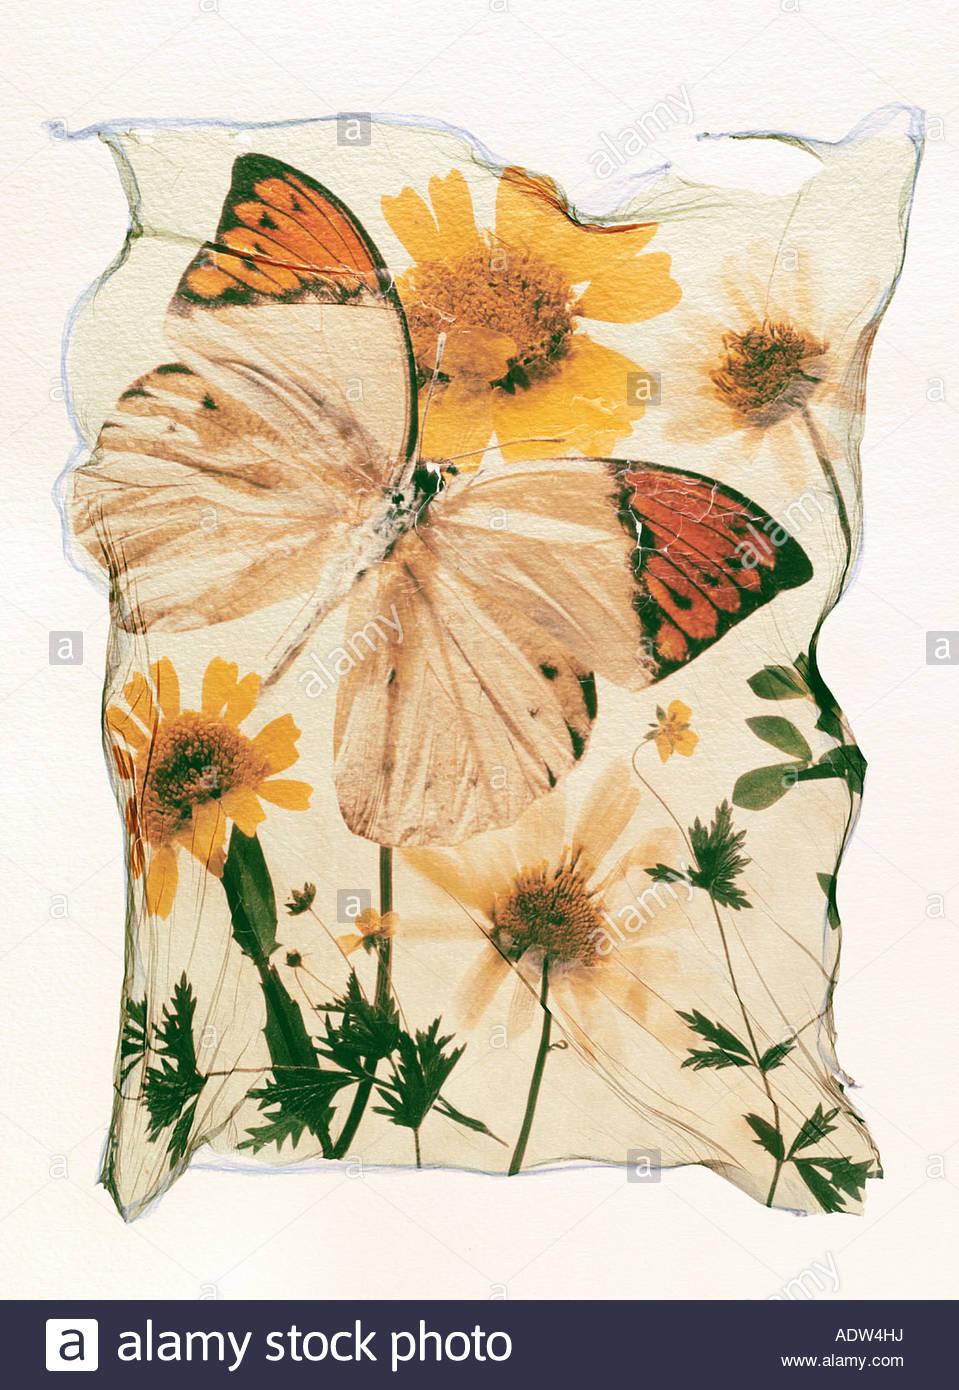 Polaroid ascensore di un arancione farfalla a punta su un fiore, aperto alato. Un concetto art photo Immagini Stock